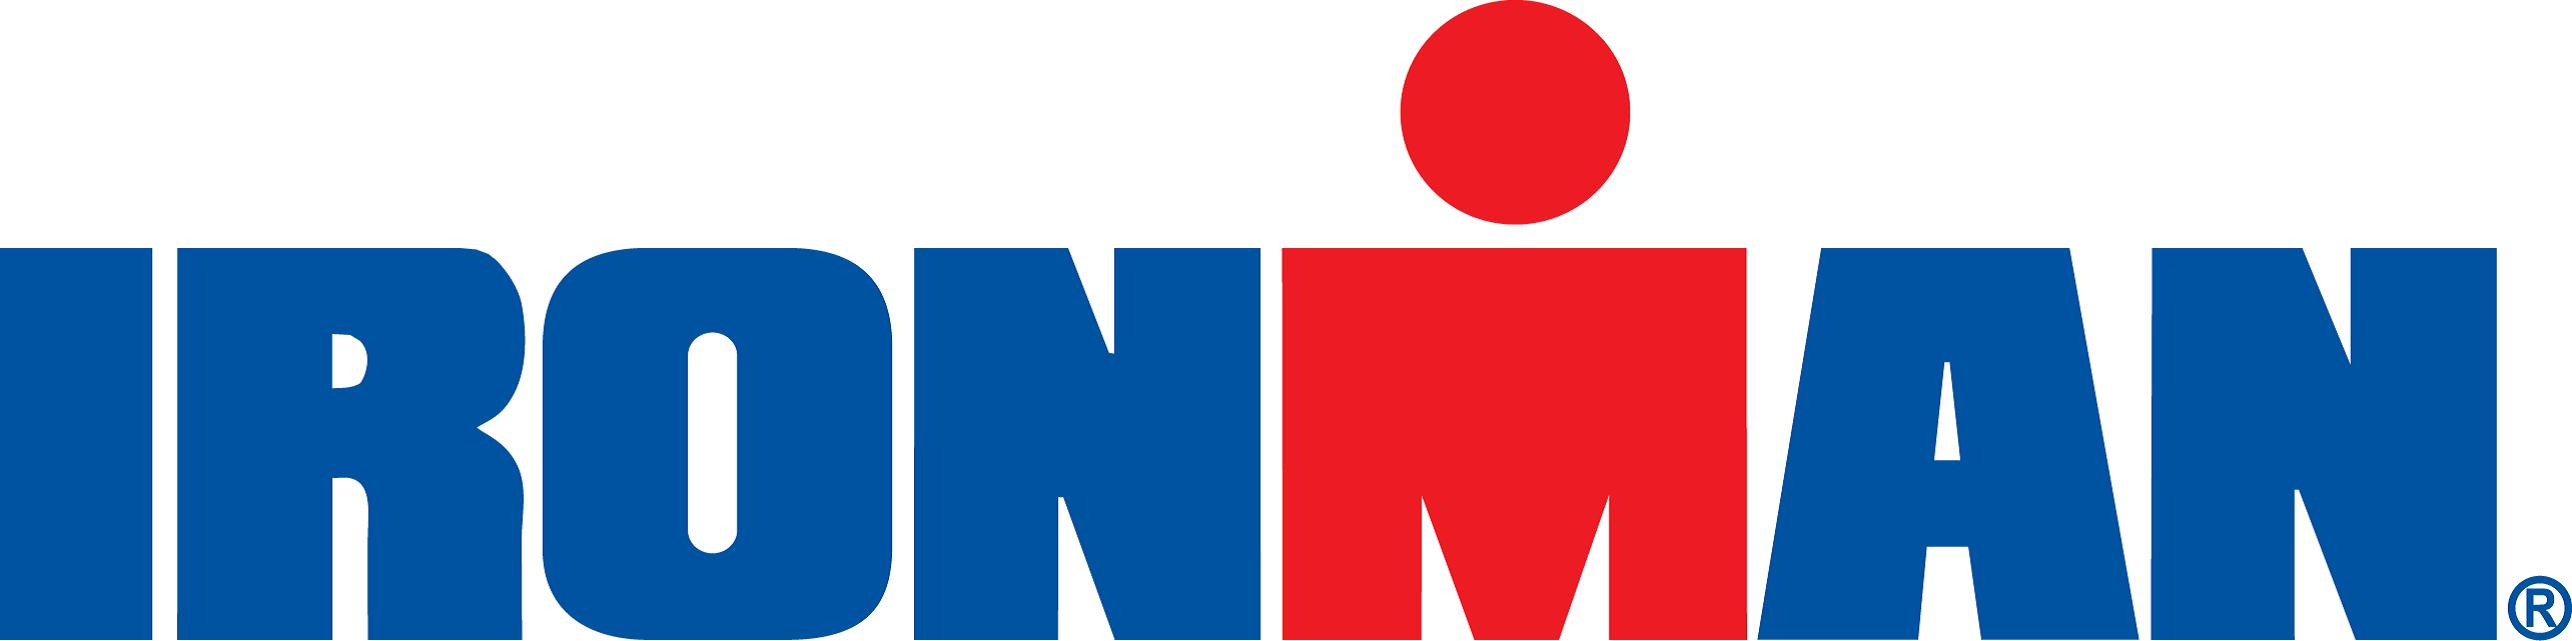 IRONMAN-logo (1)